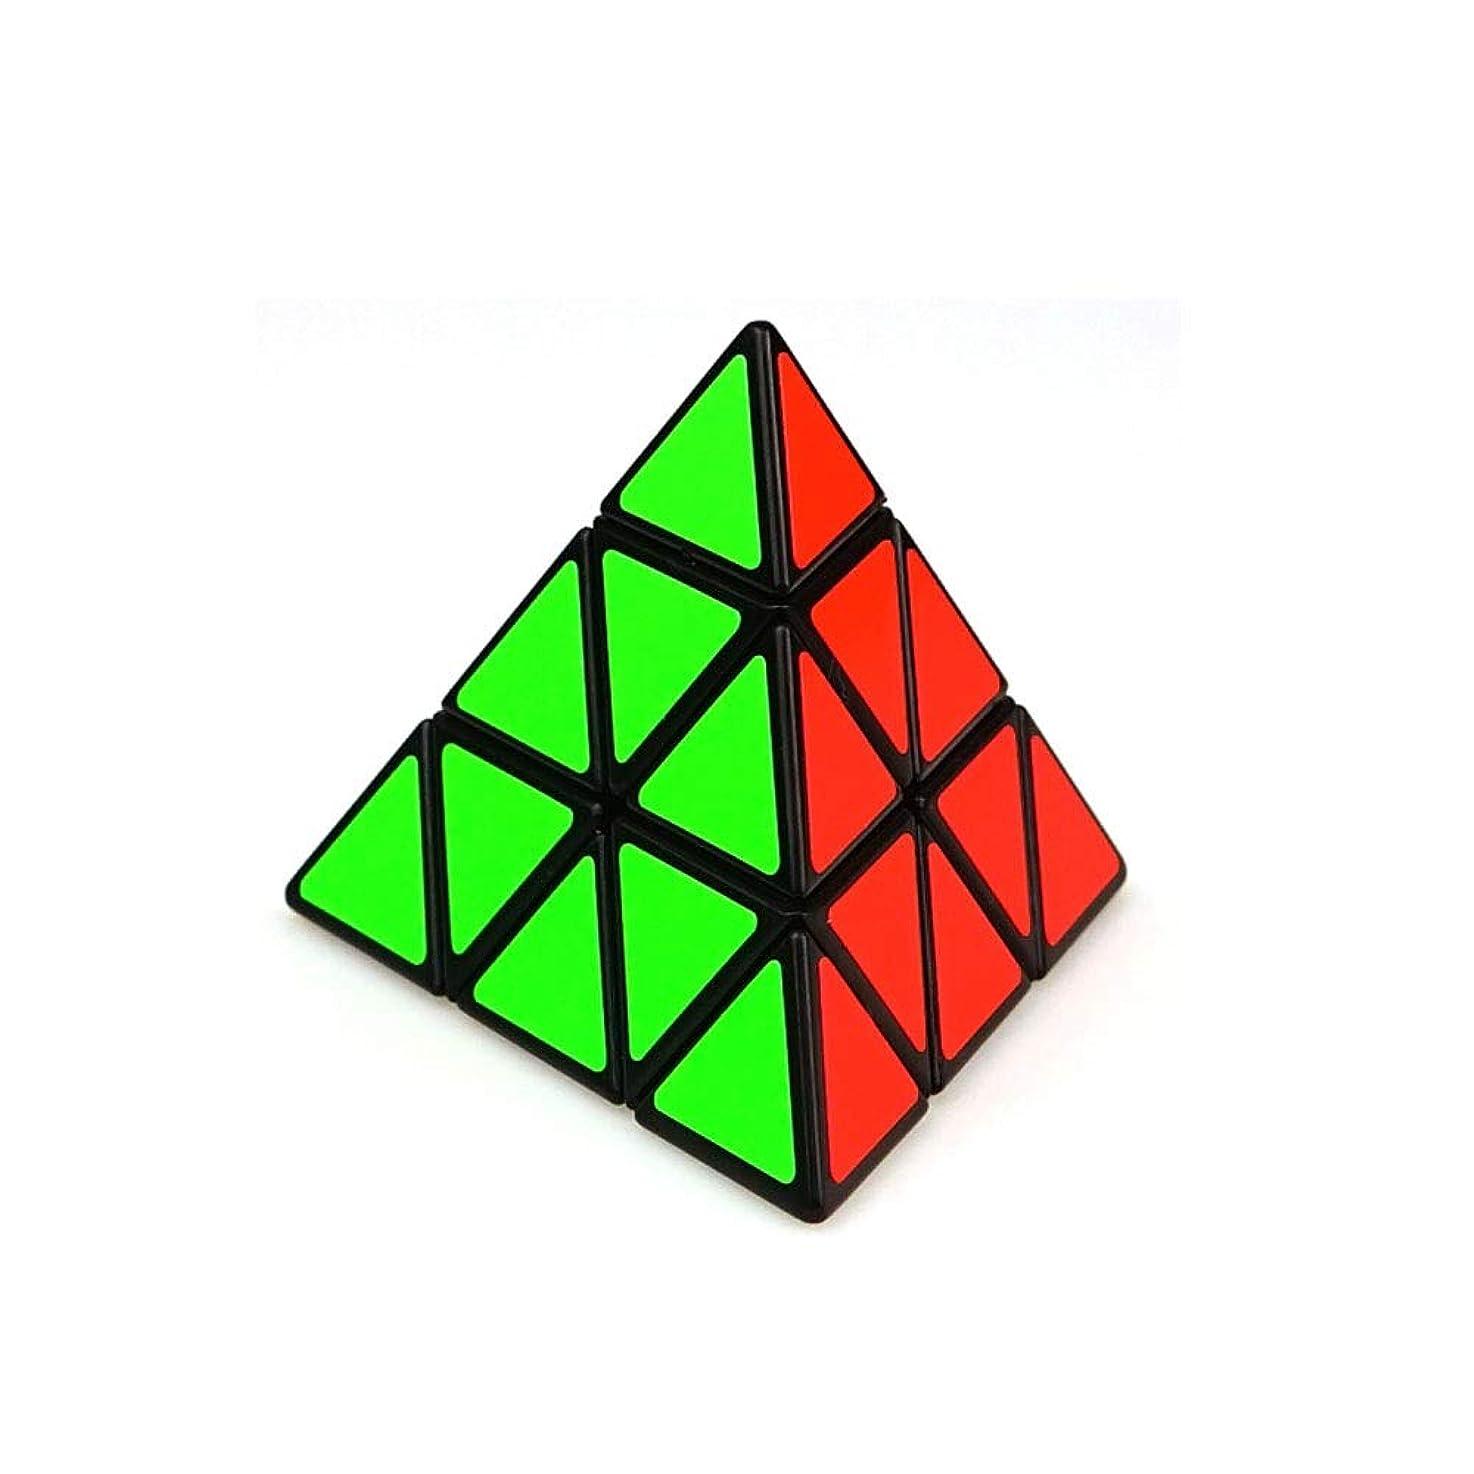 メドレー日付動的Jielongtongxun ルービックキューブ、3次スタイルデザイン、安全で環境にやさしいデザイン、ギフトとしてもお使いいただけます(三角) 美しい (Edition : Triangle)